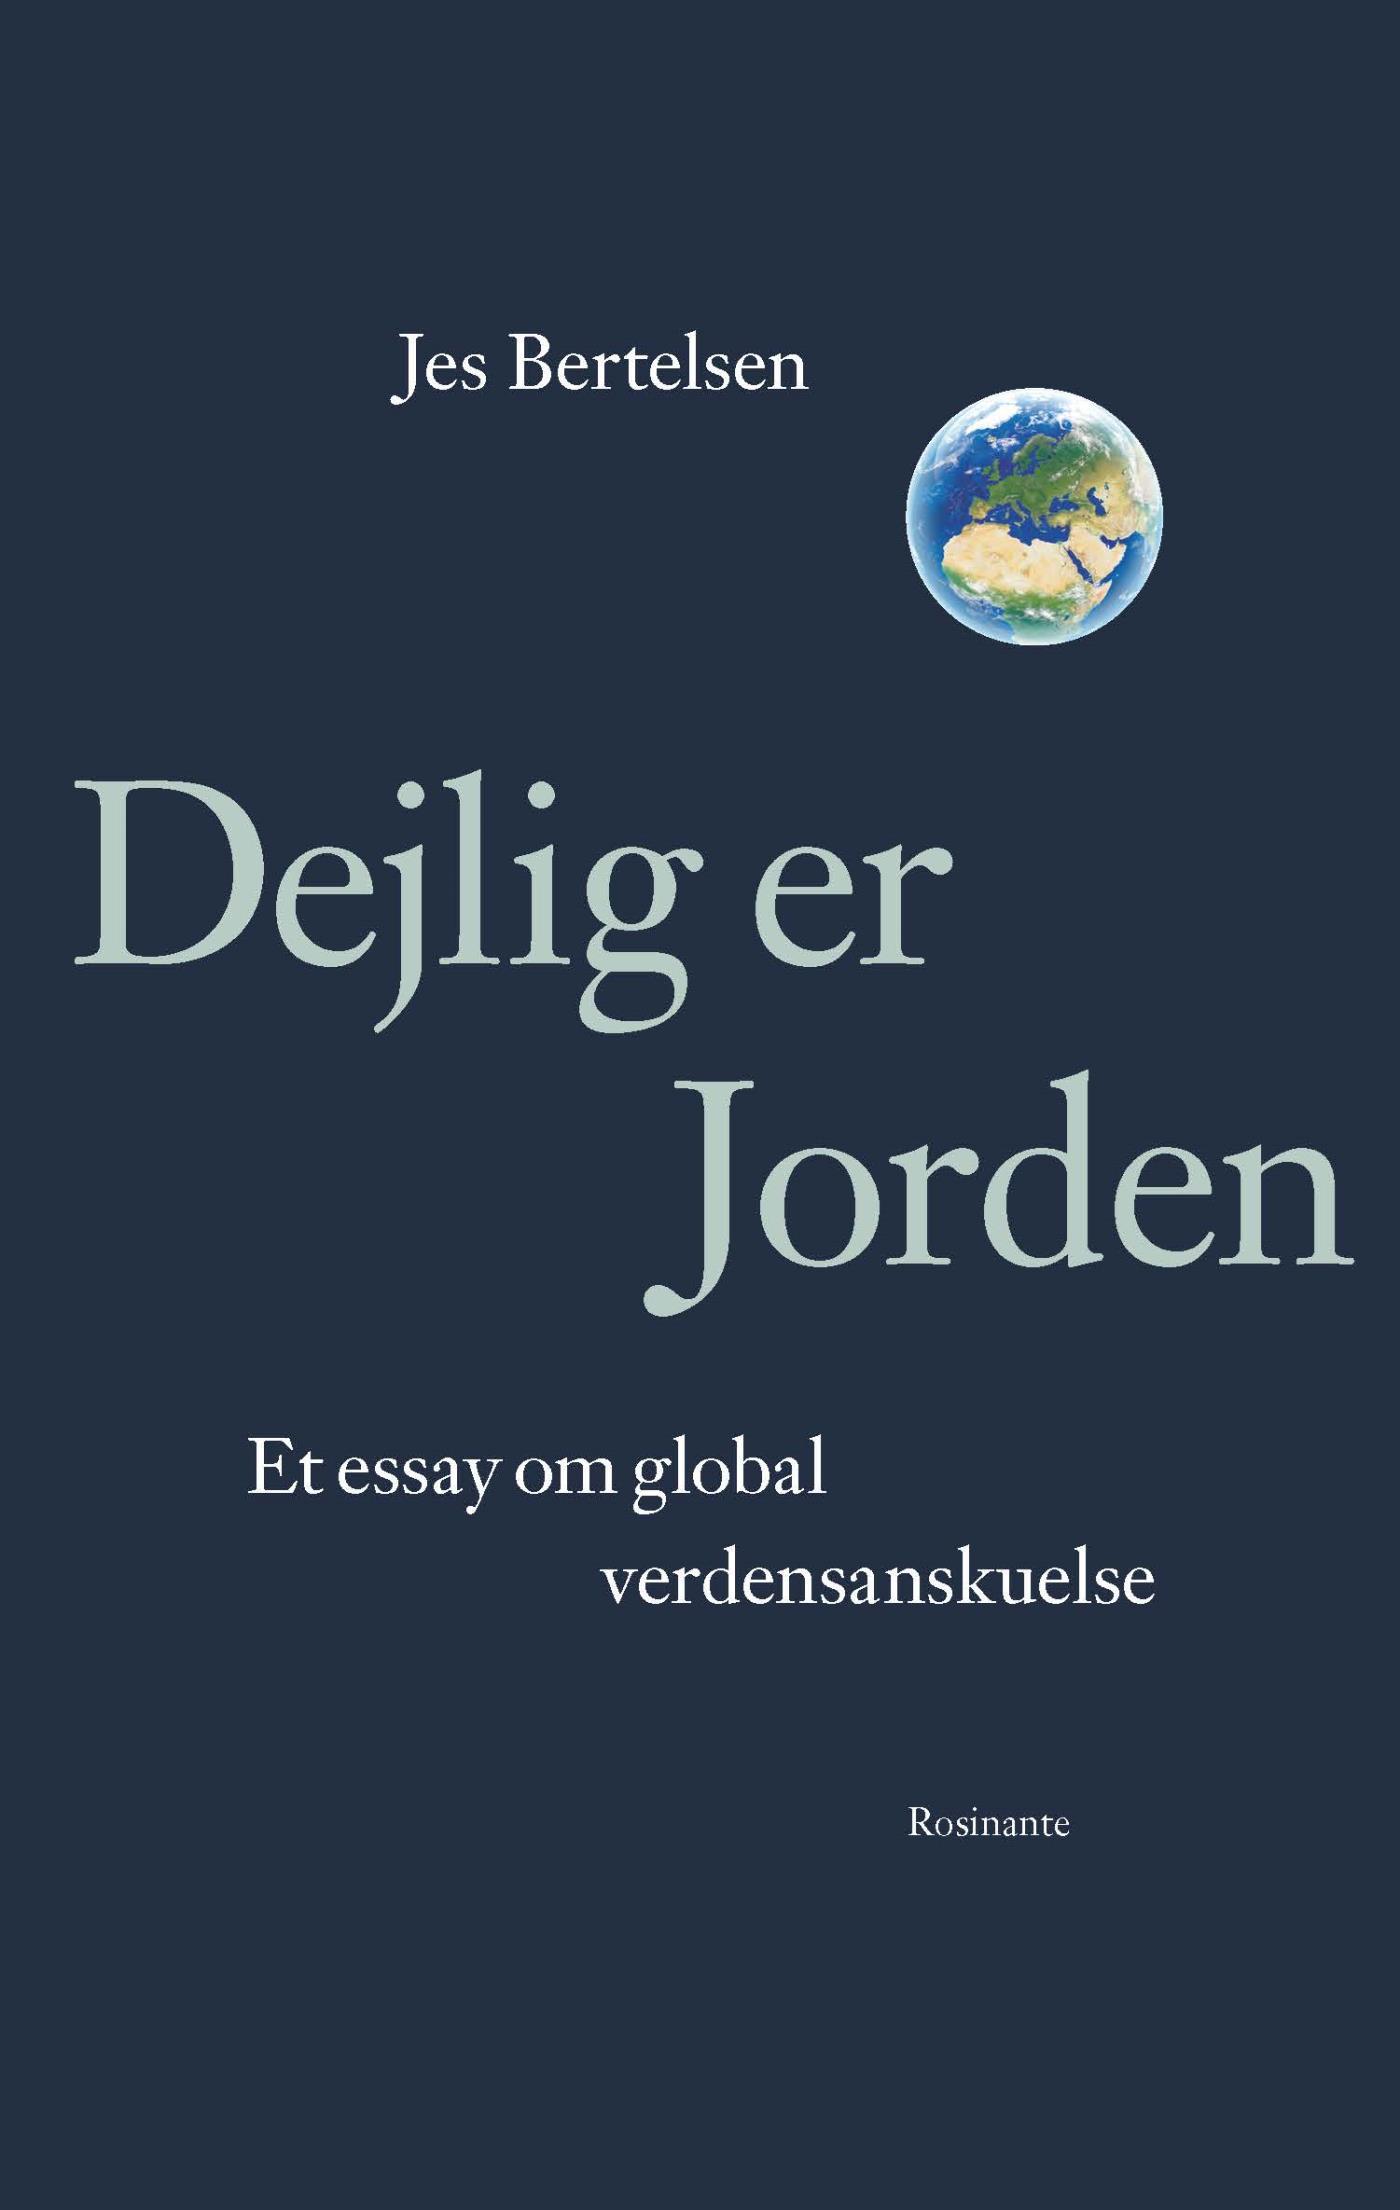 Dejlig er jorden - e-bog fra N/A på bog & mystik